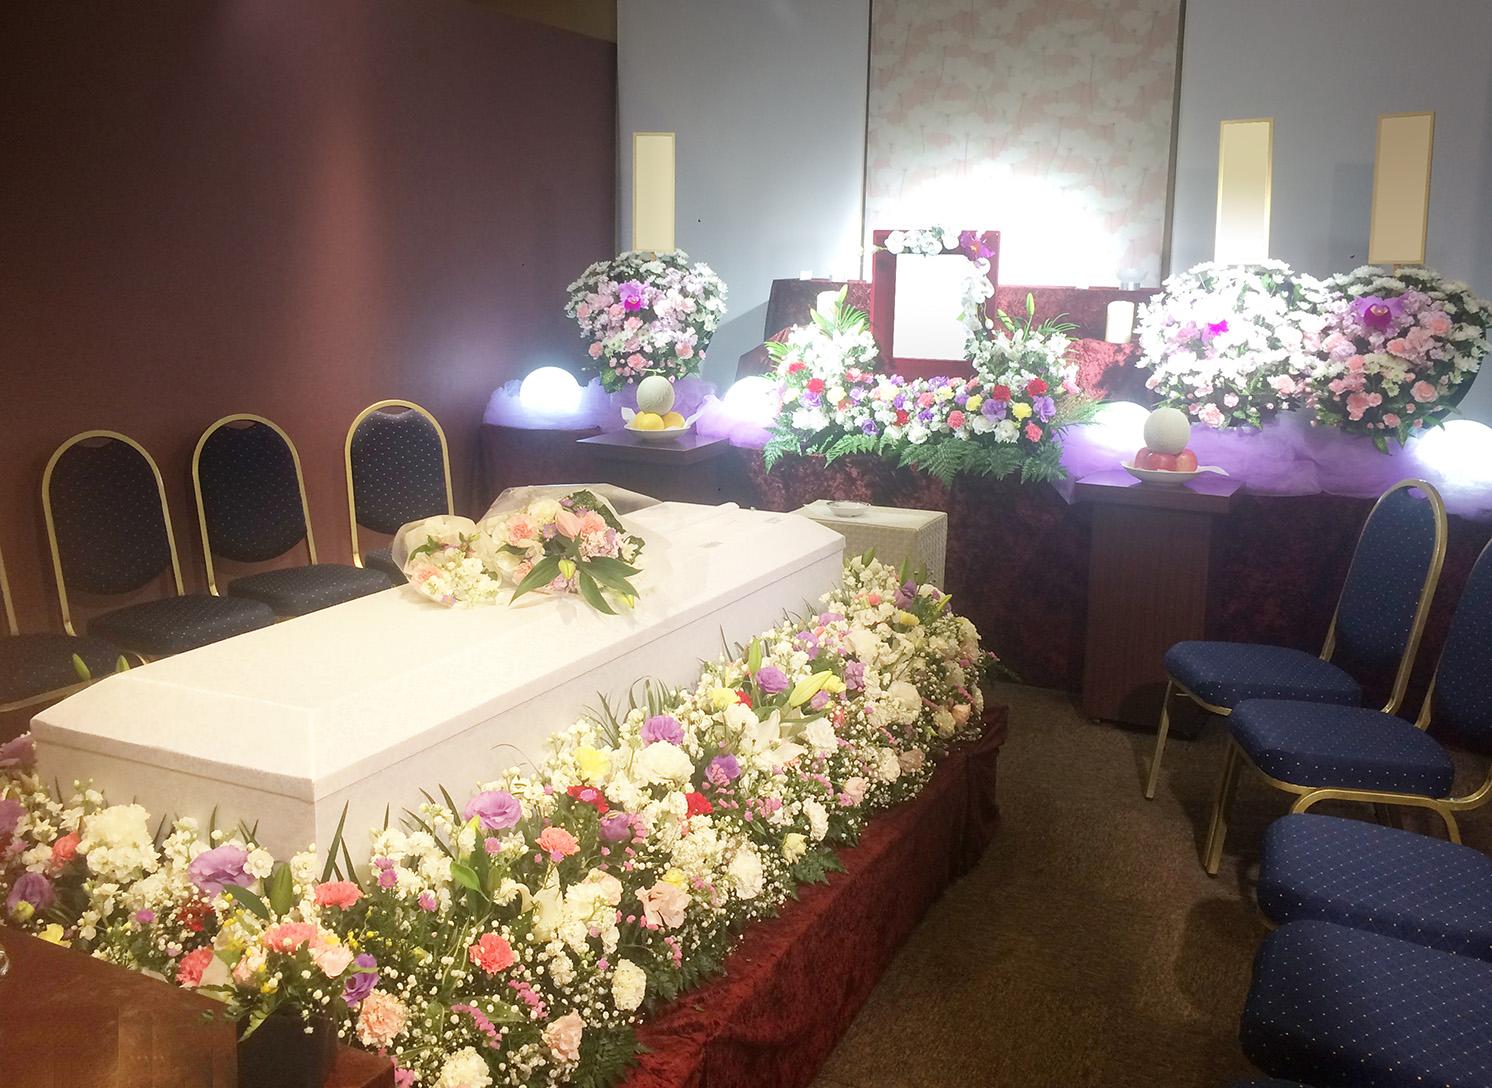 大きな祭壇は設けず、お棺をお花で飾る「かこみタイプ」